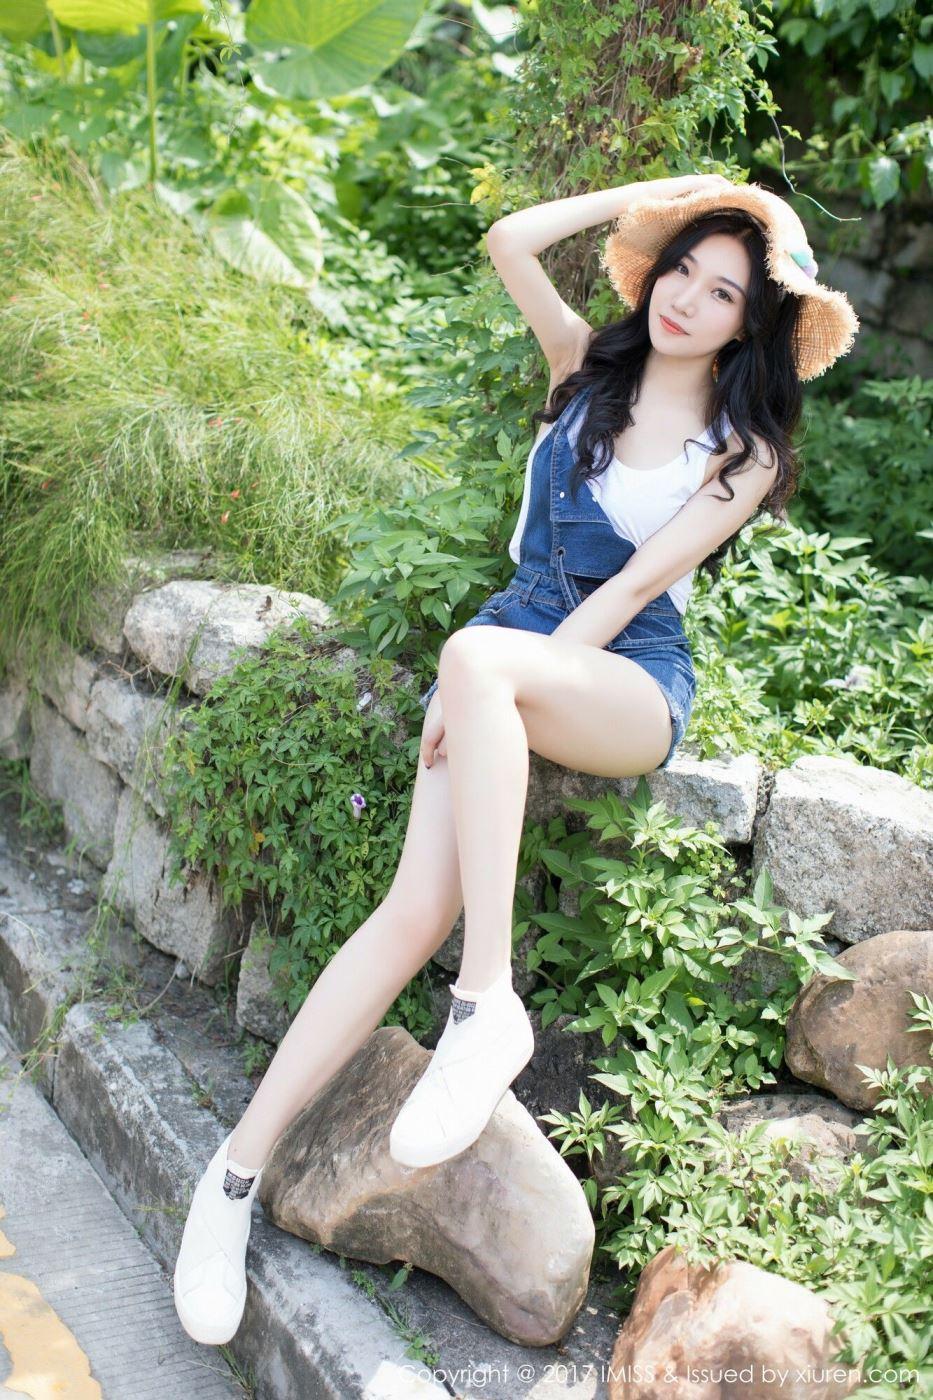 网红美女模特小狐狸时尚牛仔短裤小清新系列美女写真